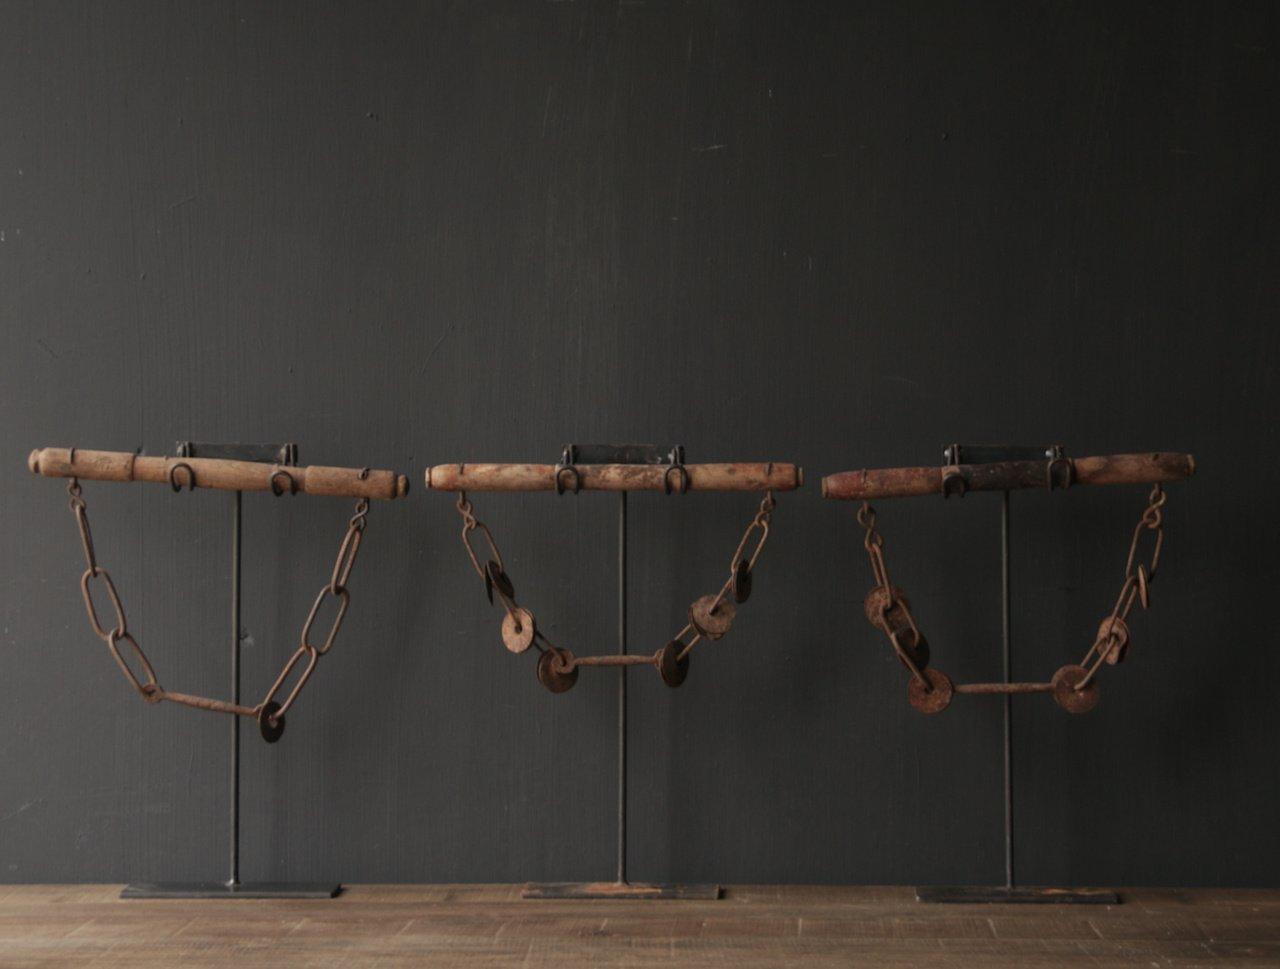 Teil der Kamelplattform auf Stand-5